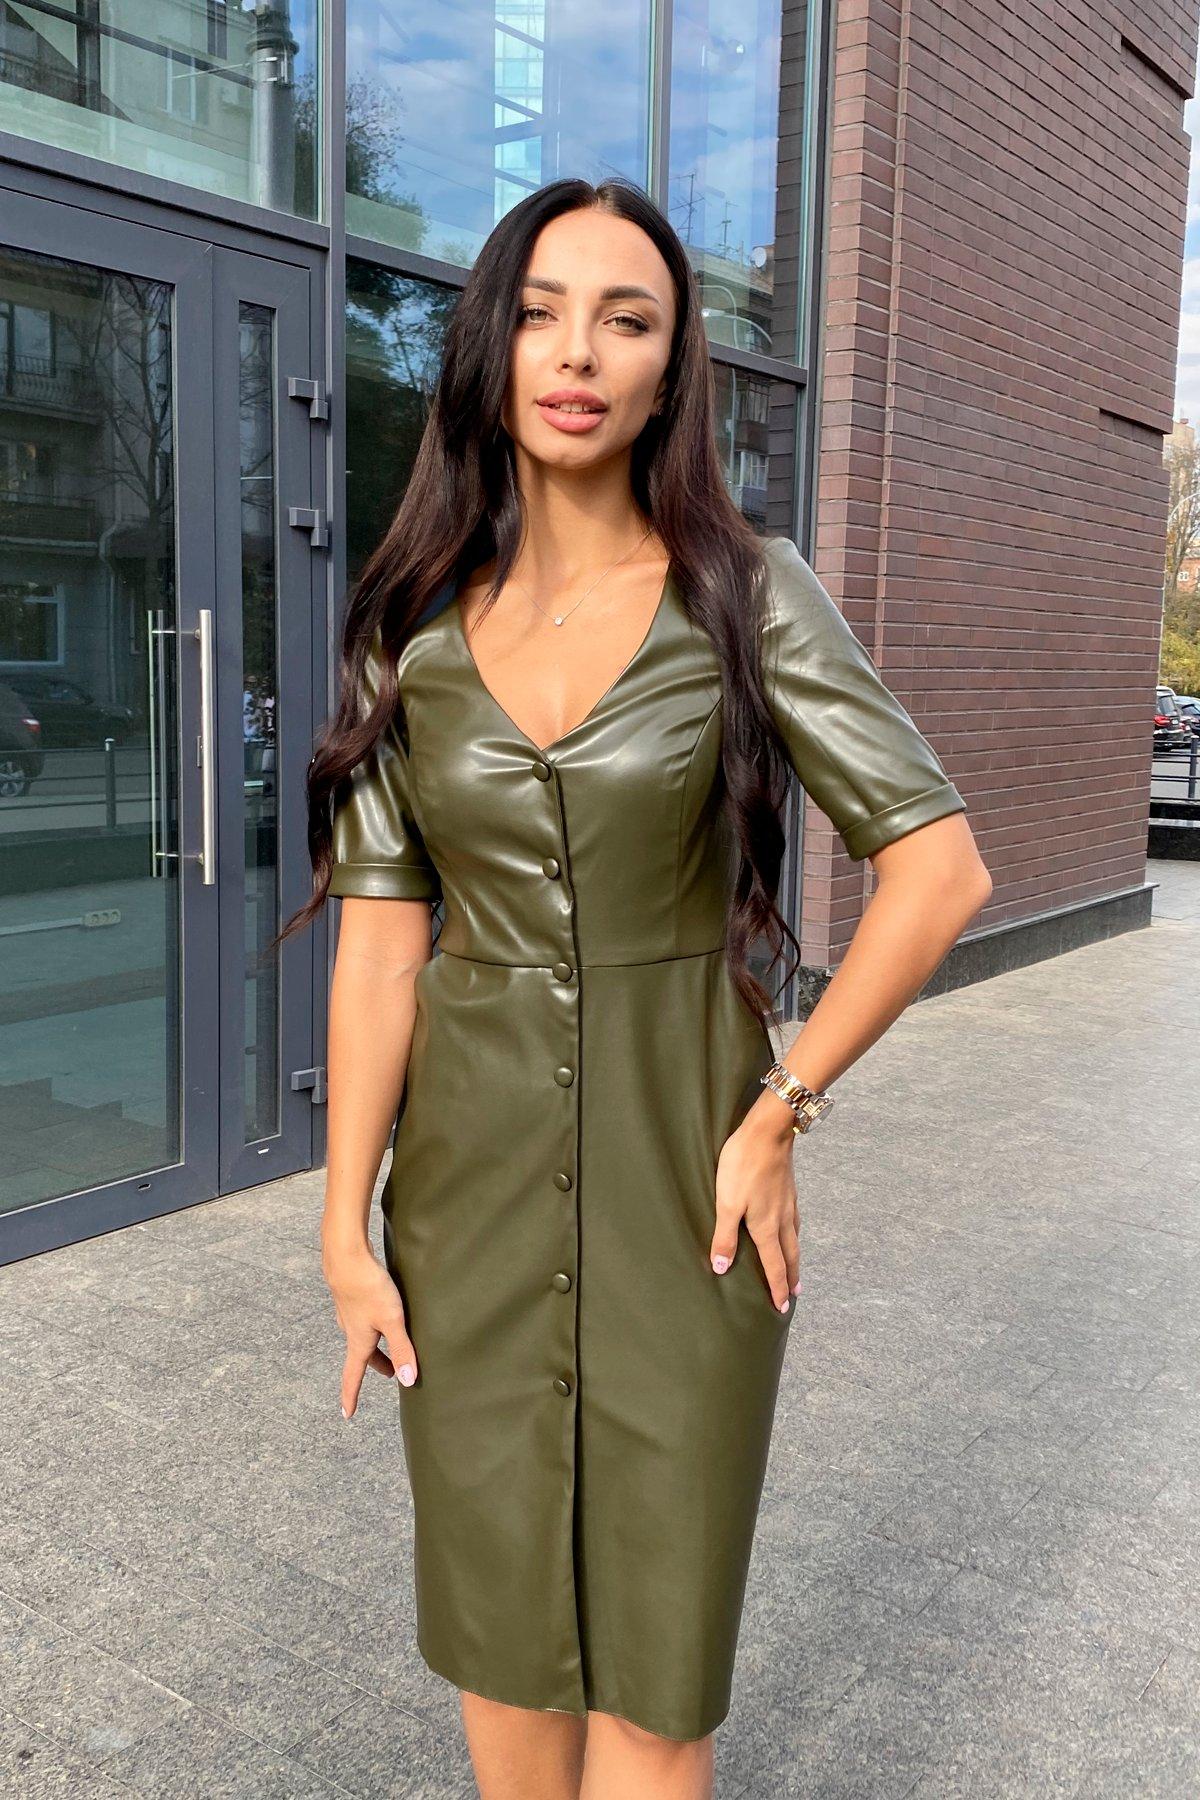 Платье из экокожи Тетрис 7847 АРТ. 43899 Цвет: Хаки - фото 5, интернет магазин tm-modus.ru